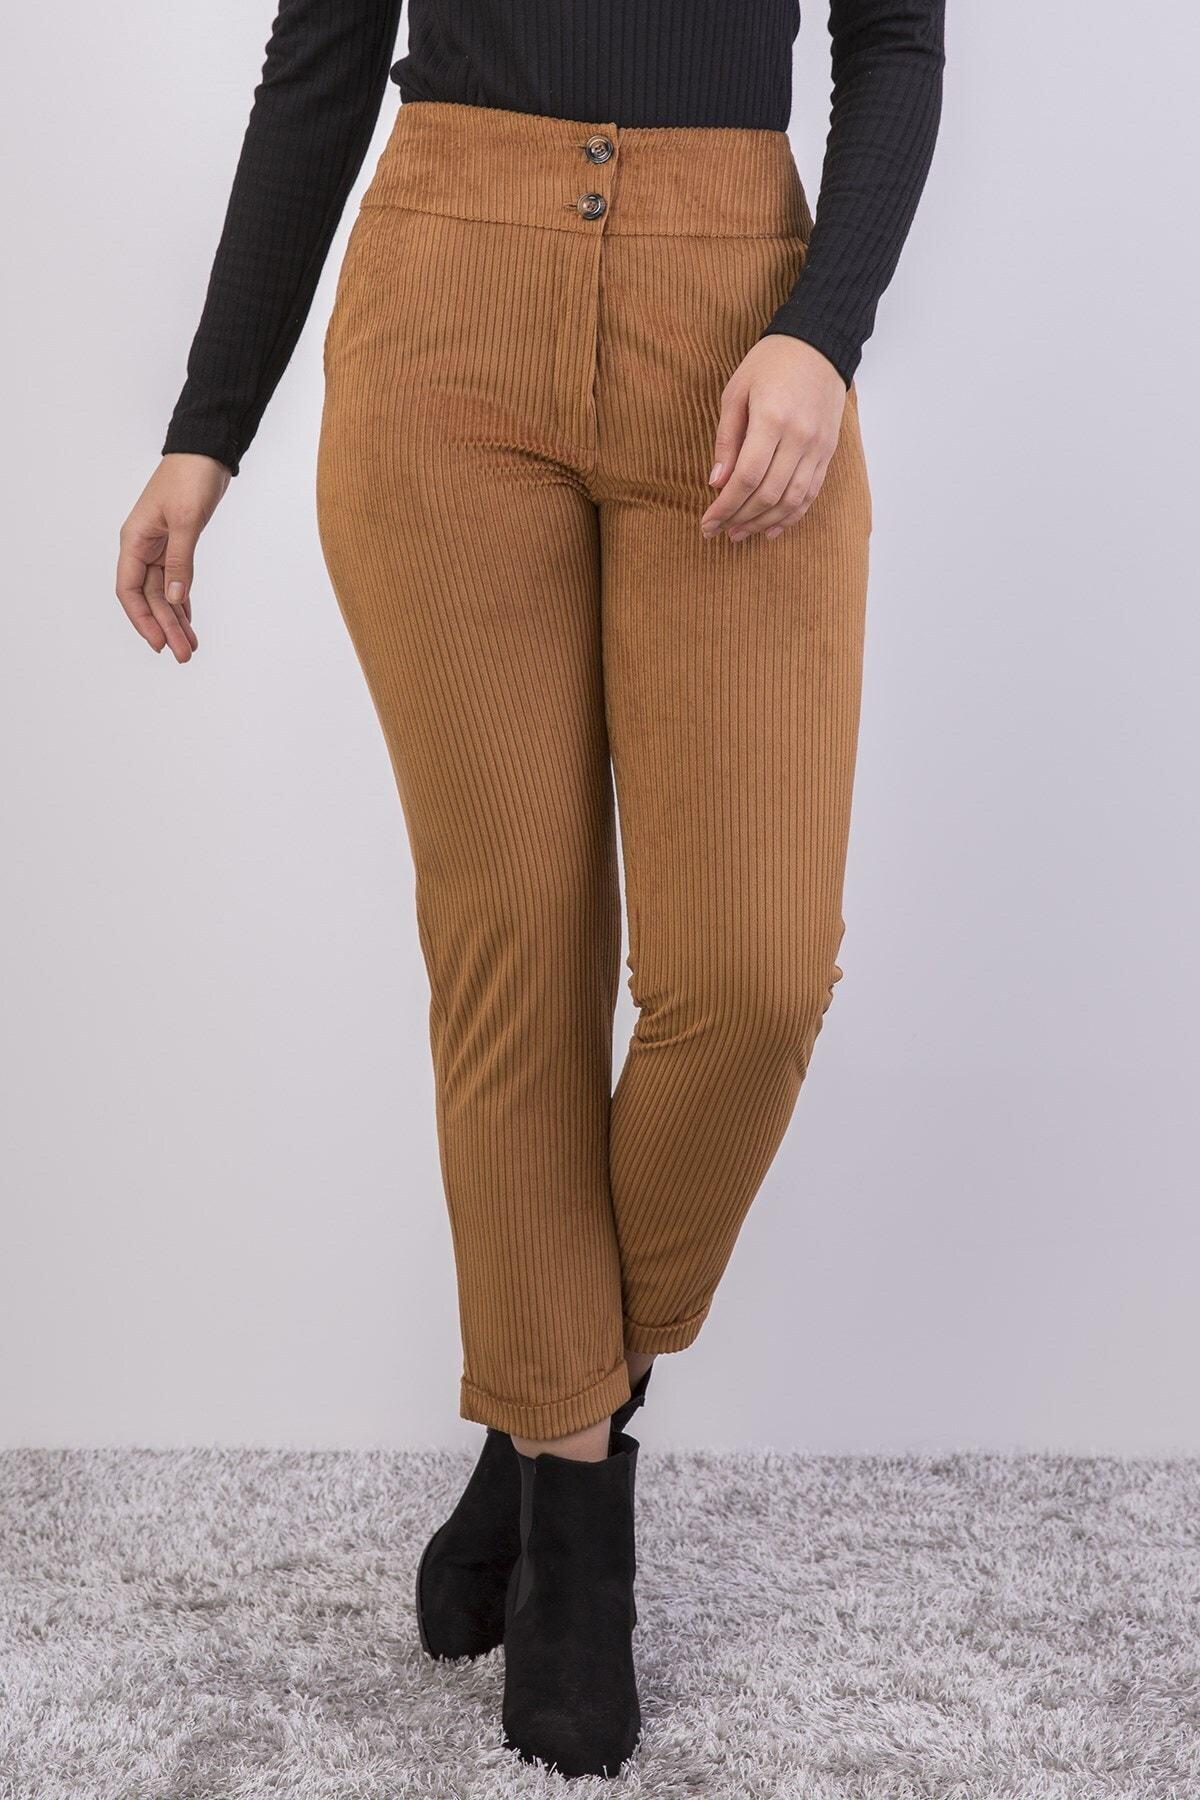 apsen Yüksek Bel Kadife Pantolon 351/95 1